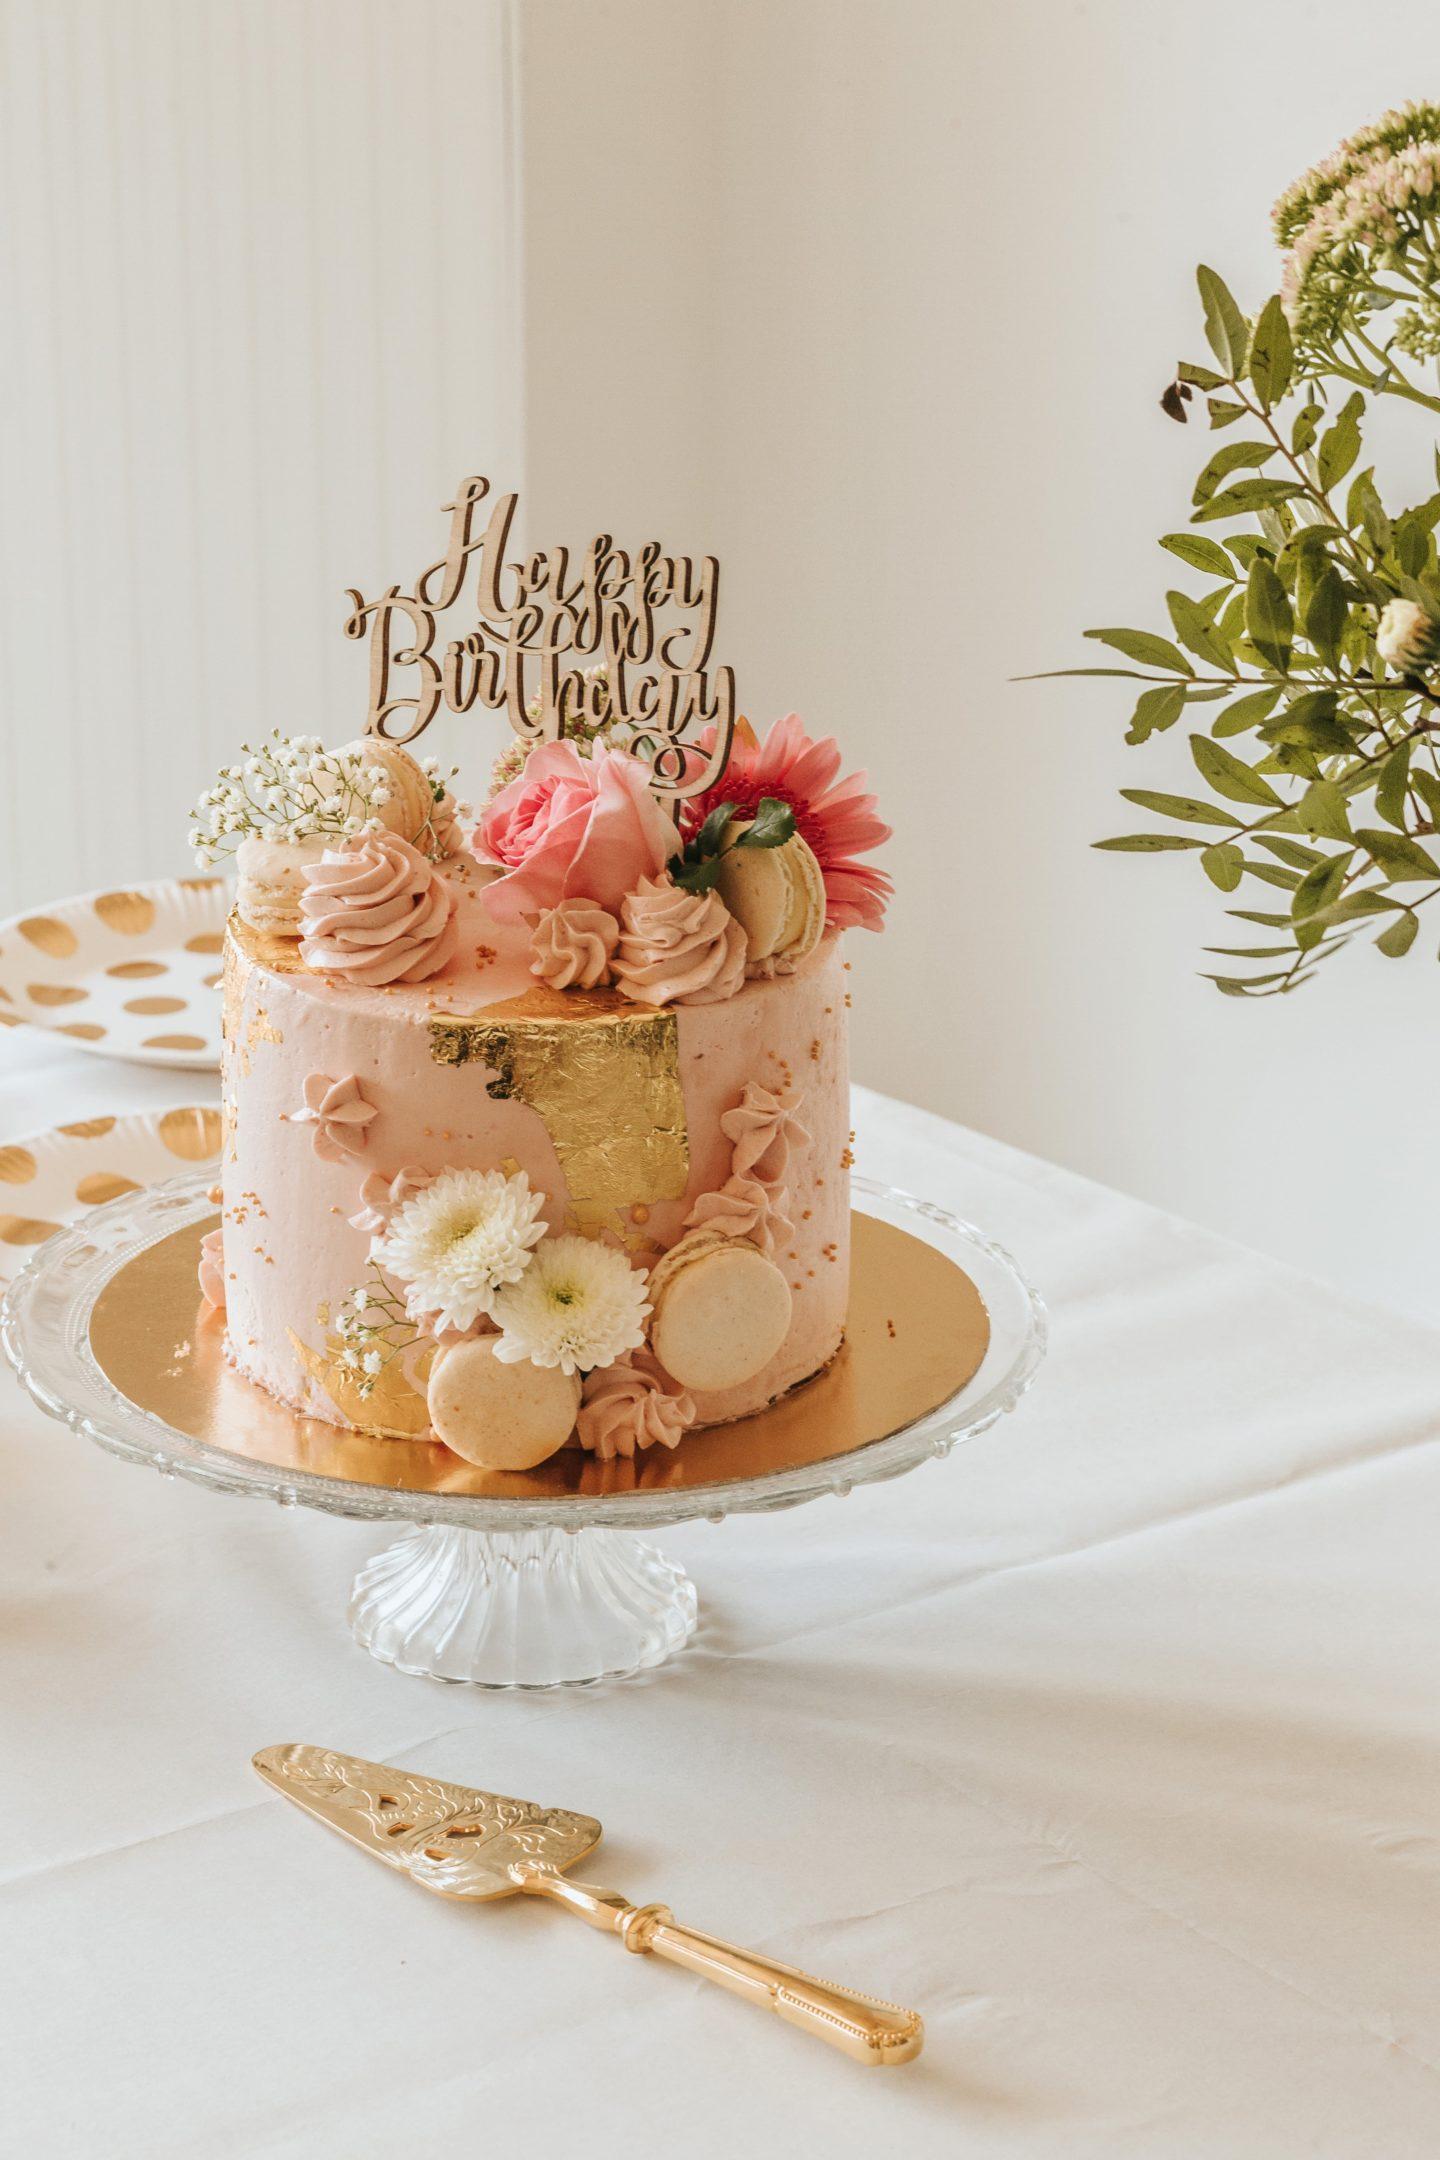 gâteau d'anniversaire réalisé par La crème des bordelaises, bordeaux, pâtisserie.